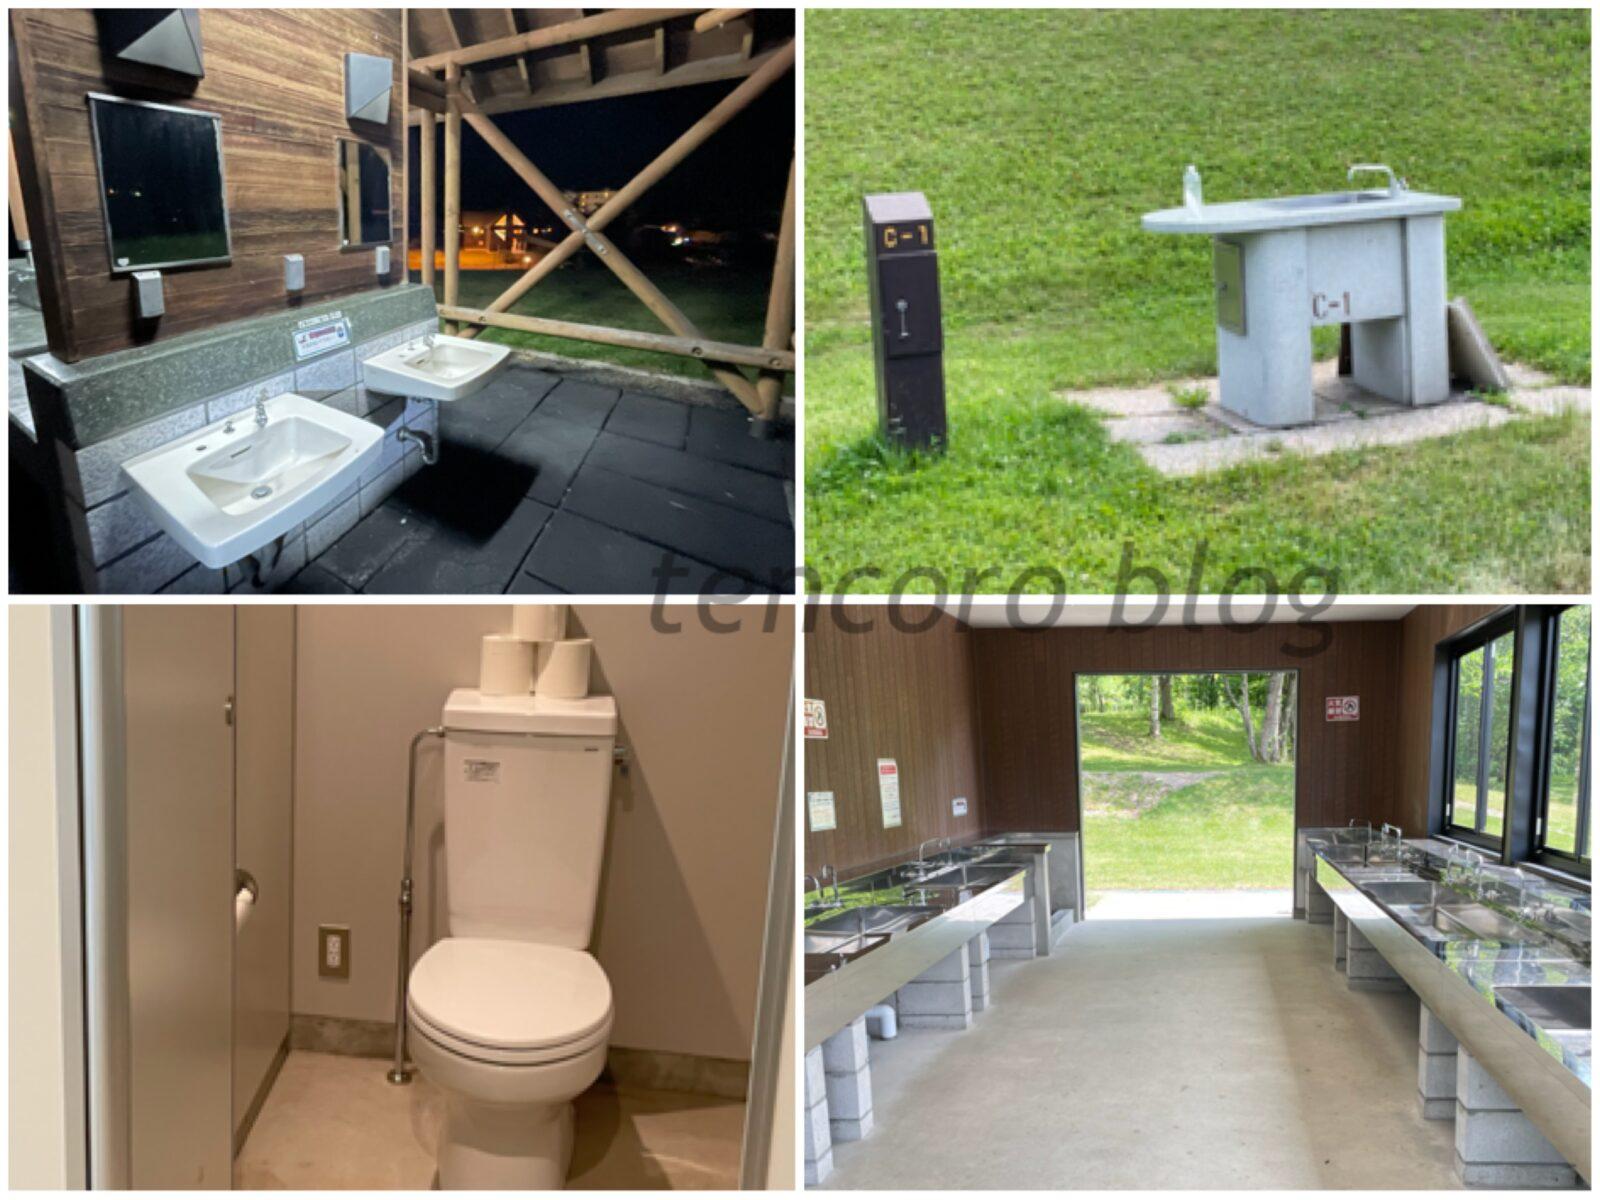 東神楽 森林公園 キャンプ場 北海道 施設 トイレ